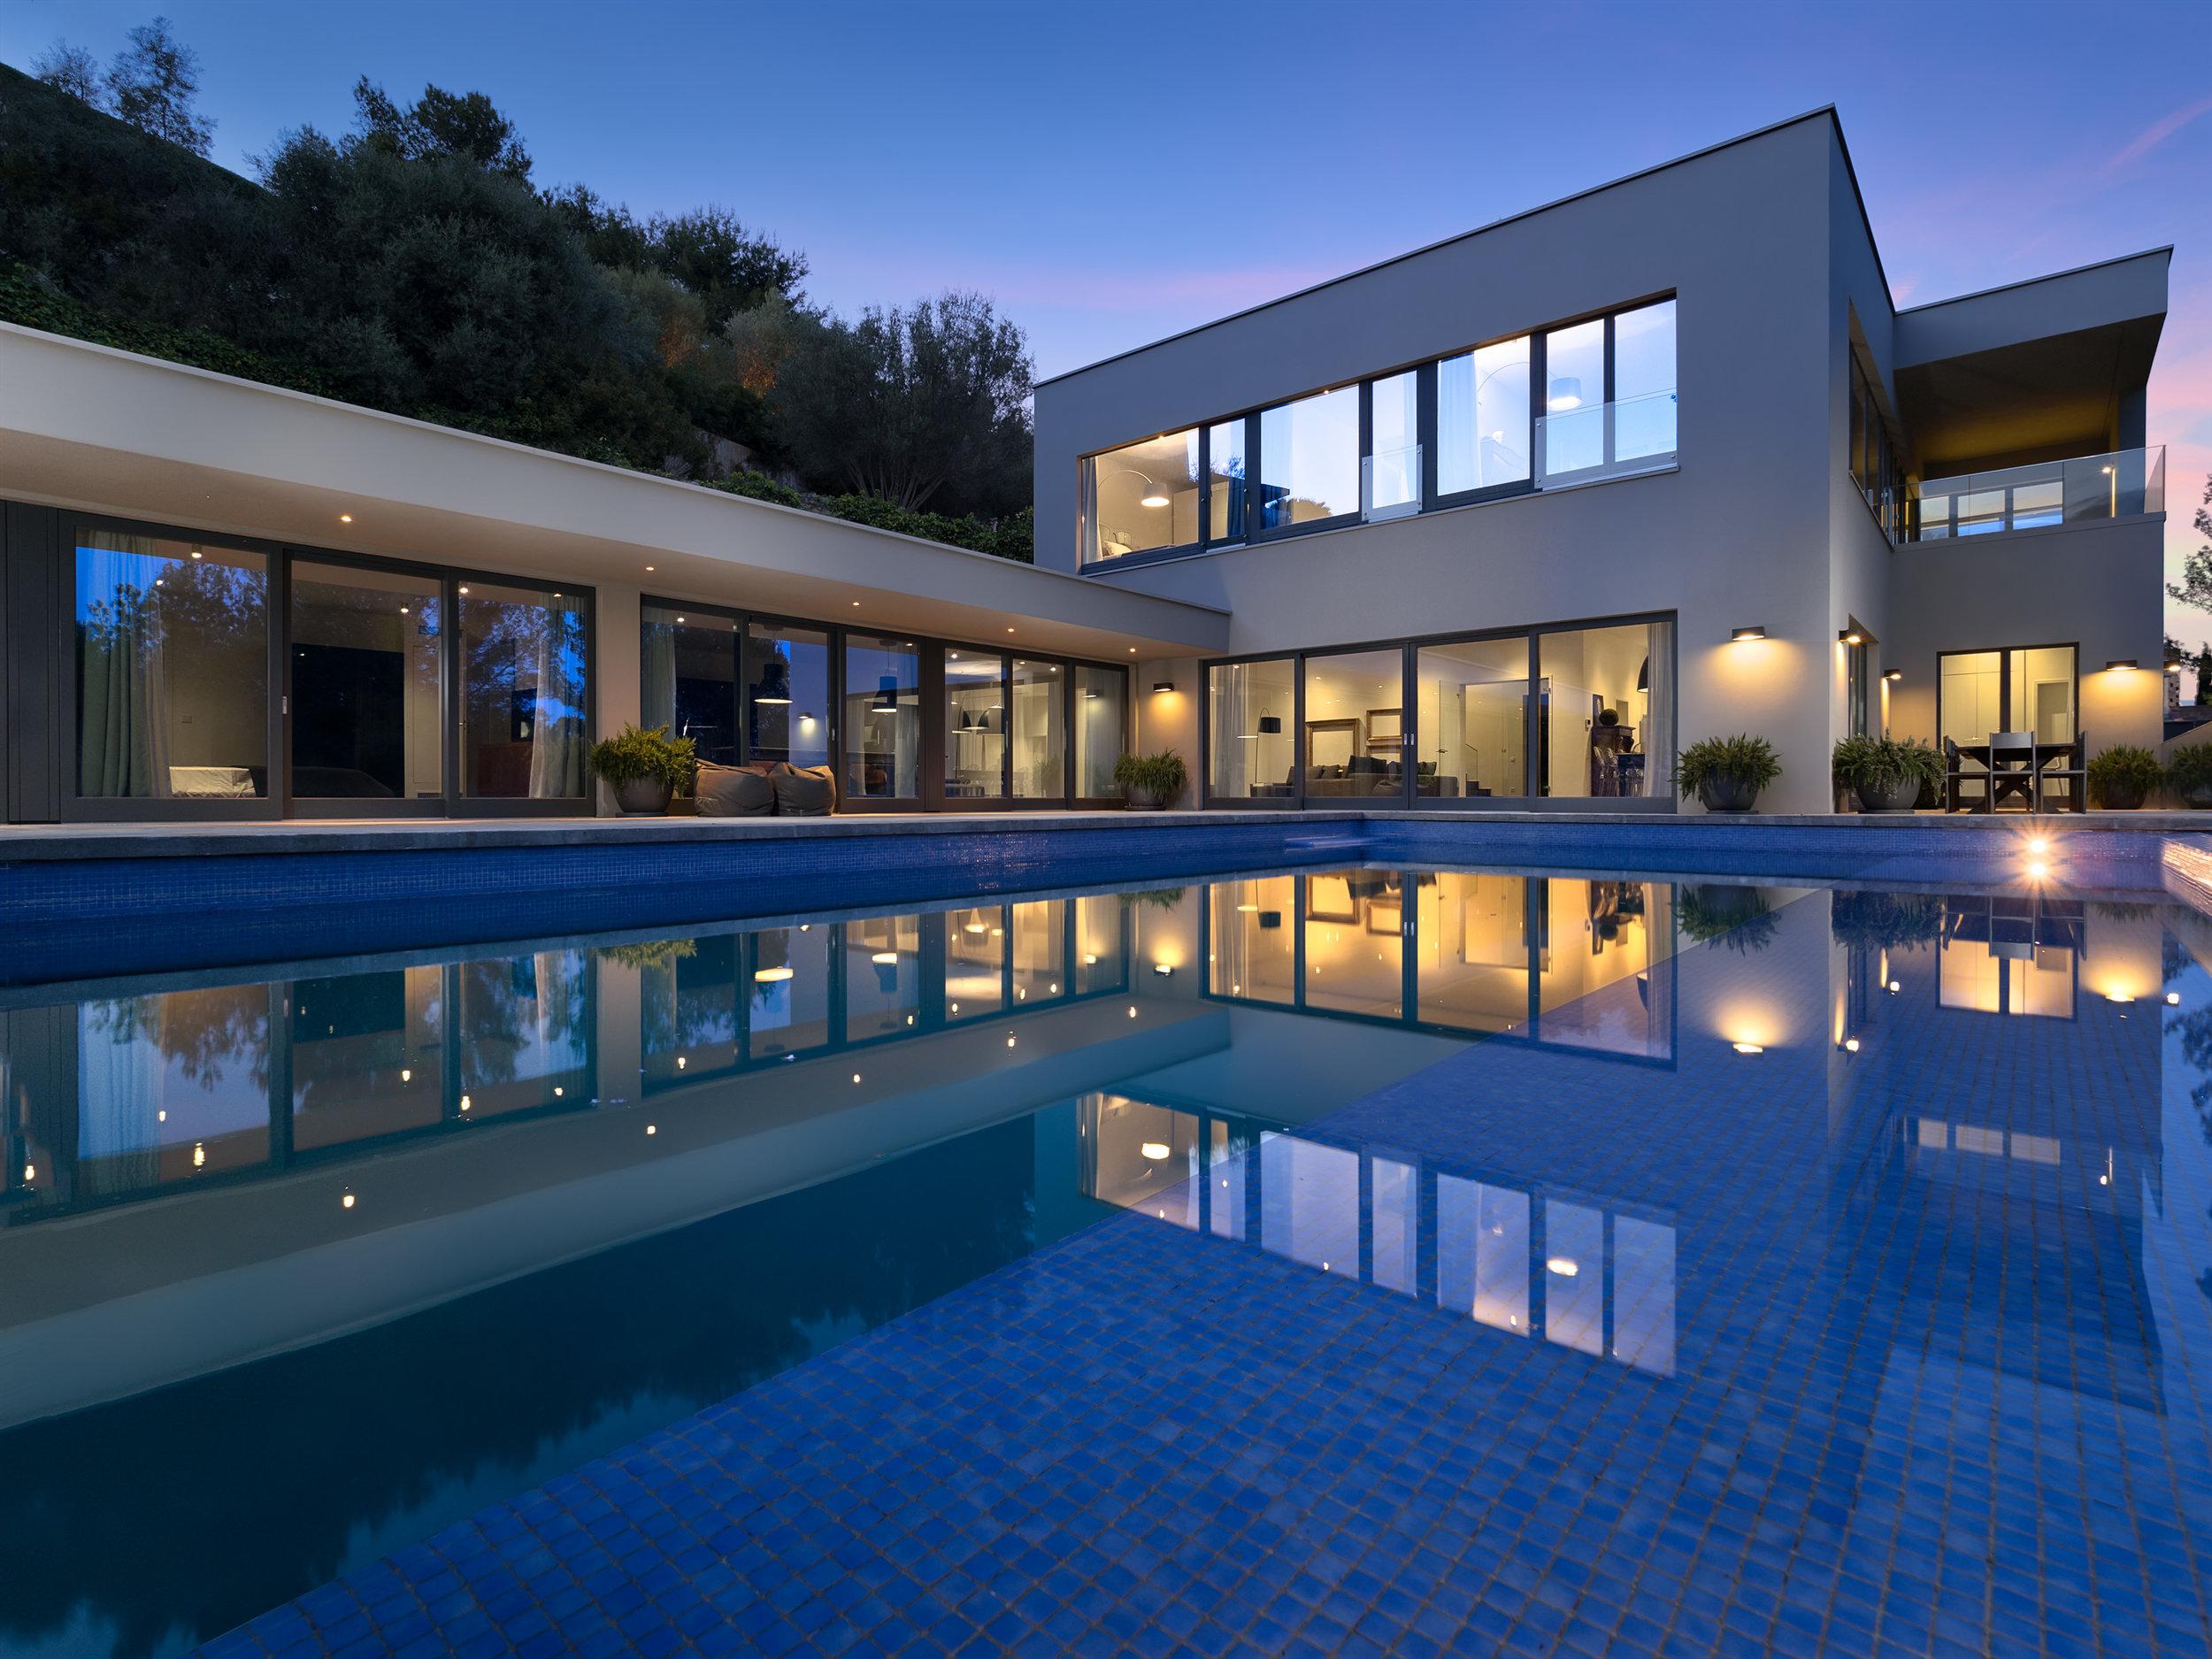 Designer Villa, 2019